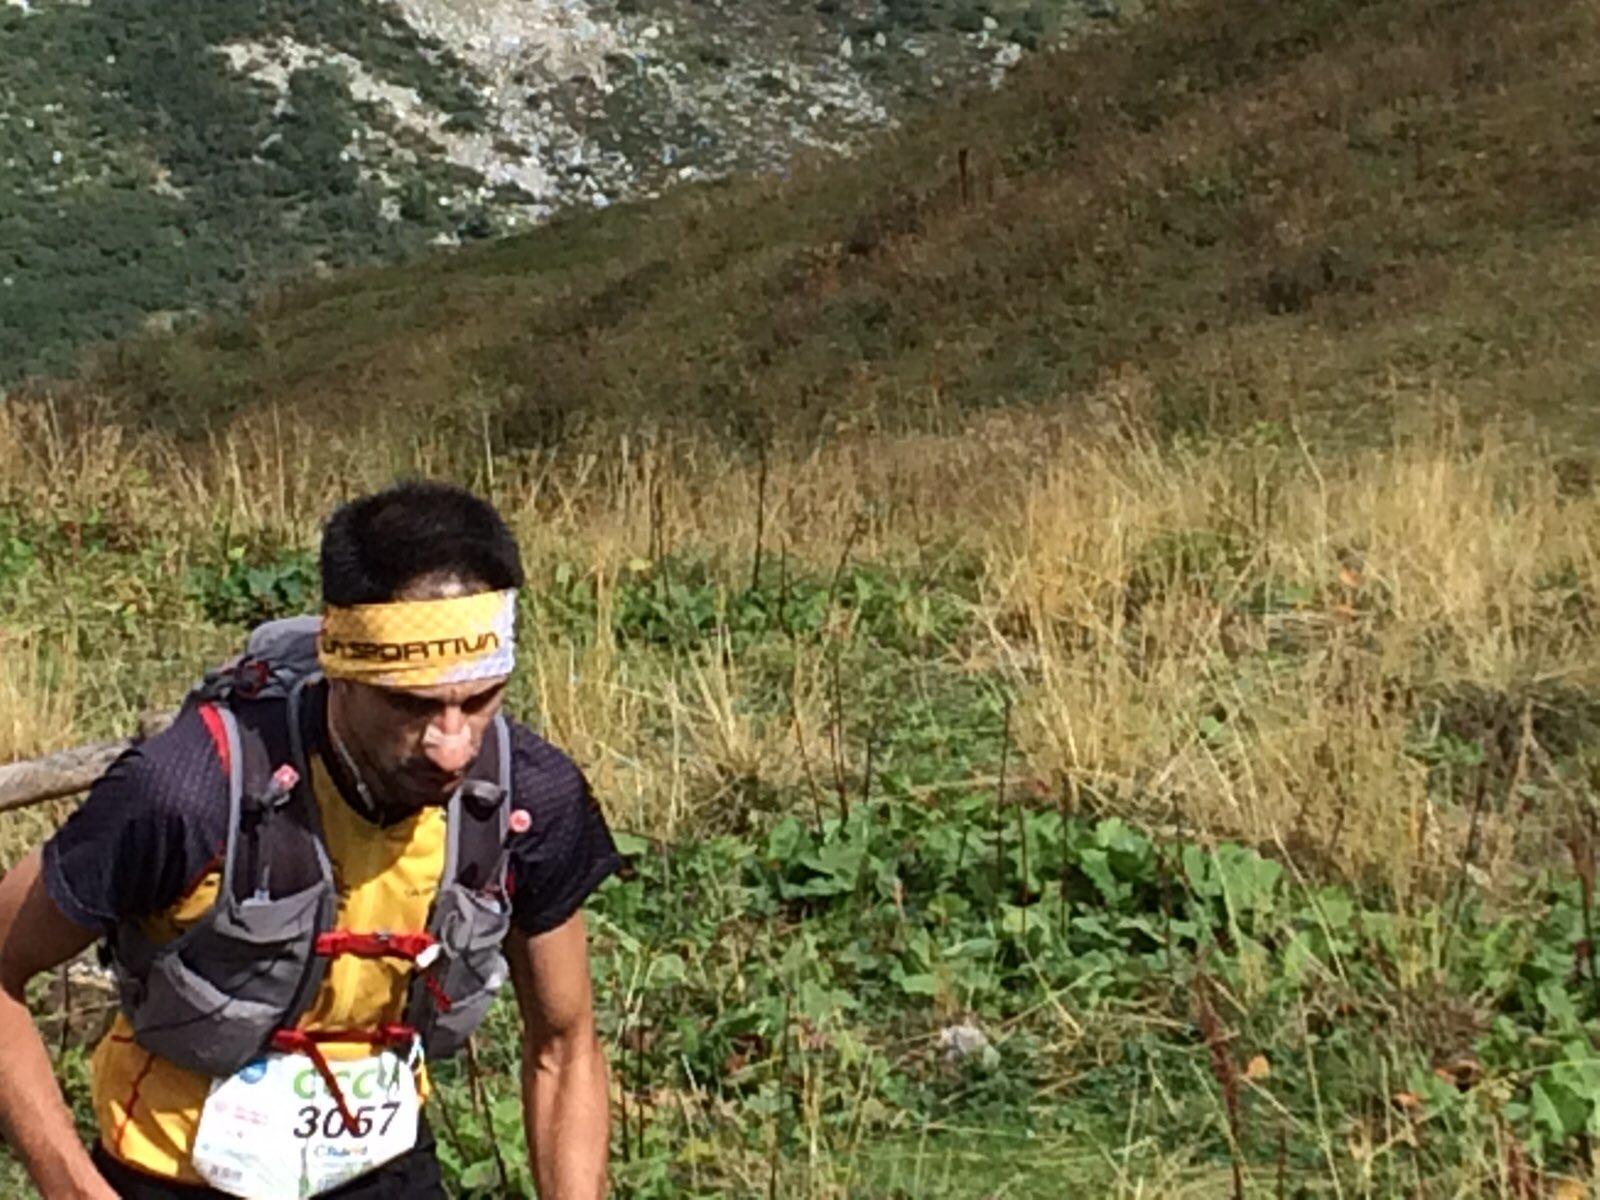 Ο Χάρης Καλαμπούκας στο Bonatti στο 22ο χλμ του αγώνα | Photo: iRunFar